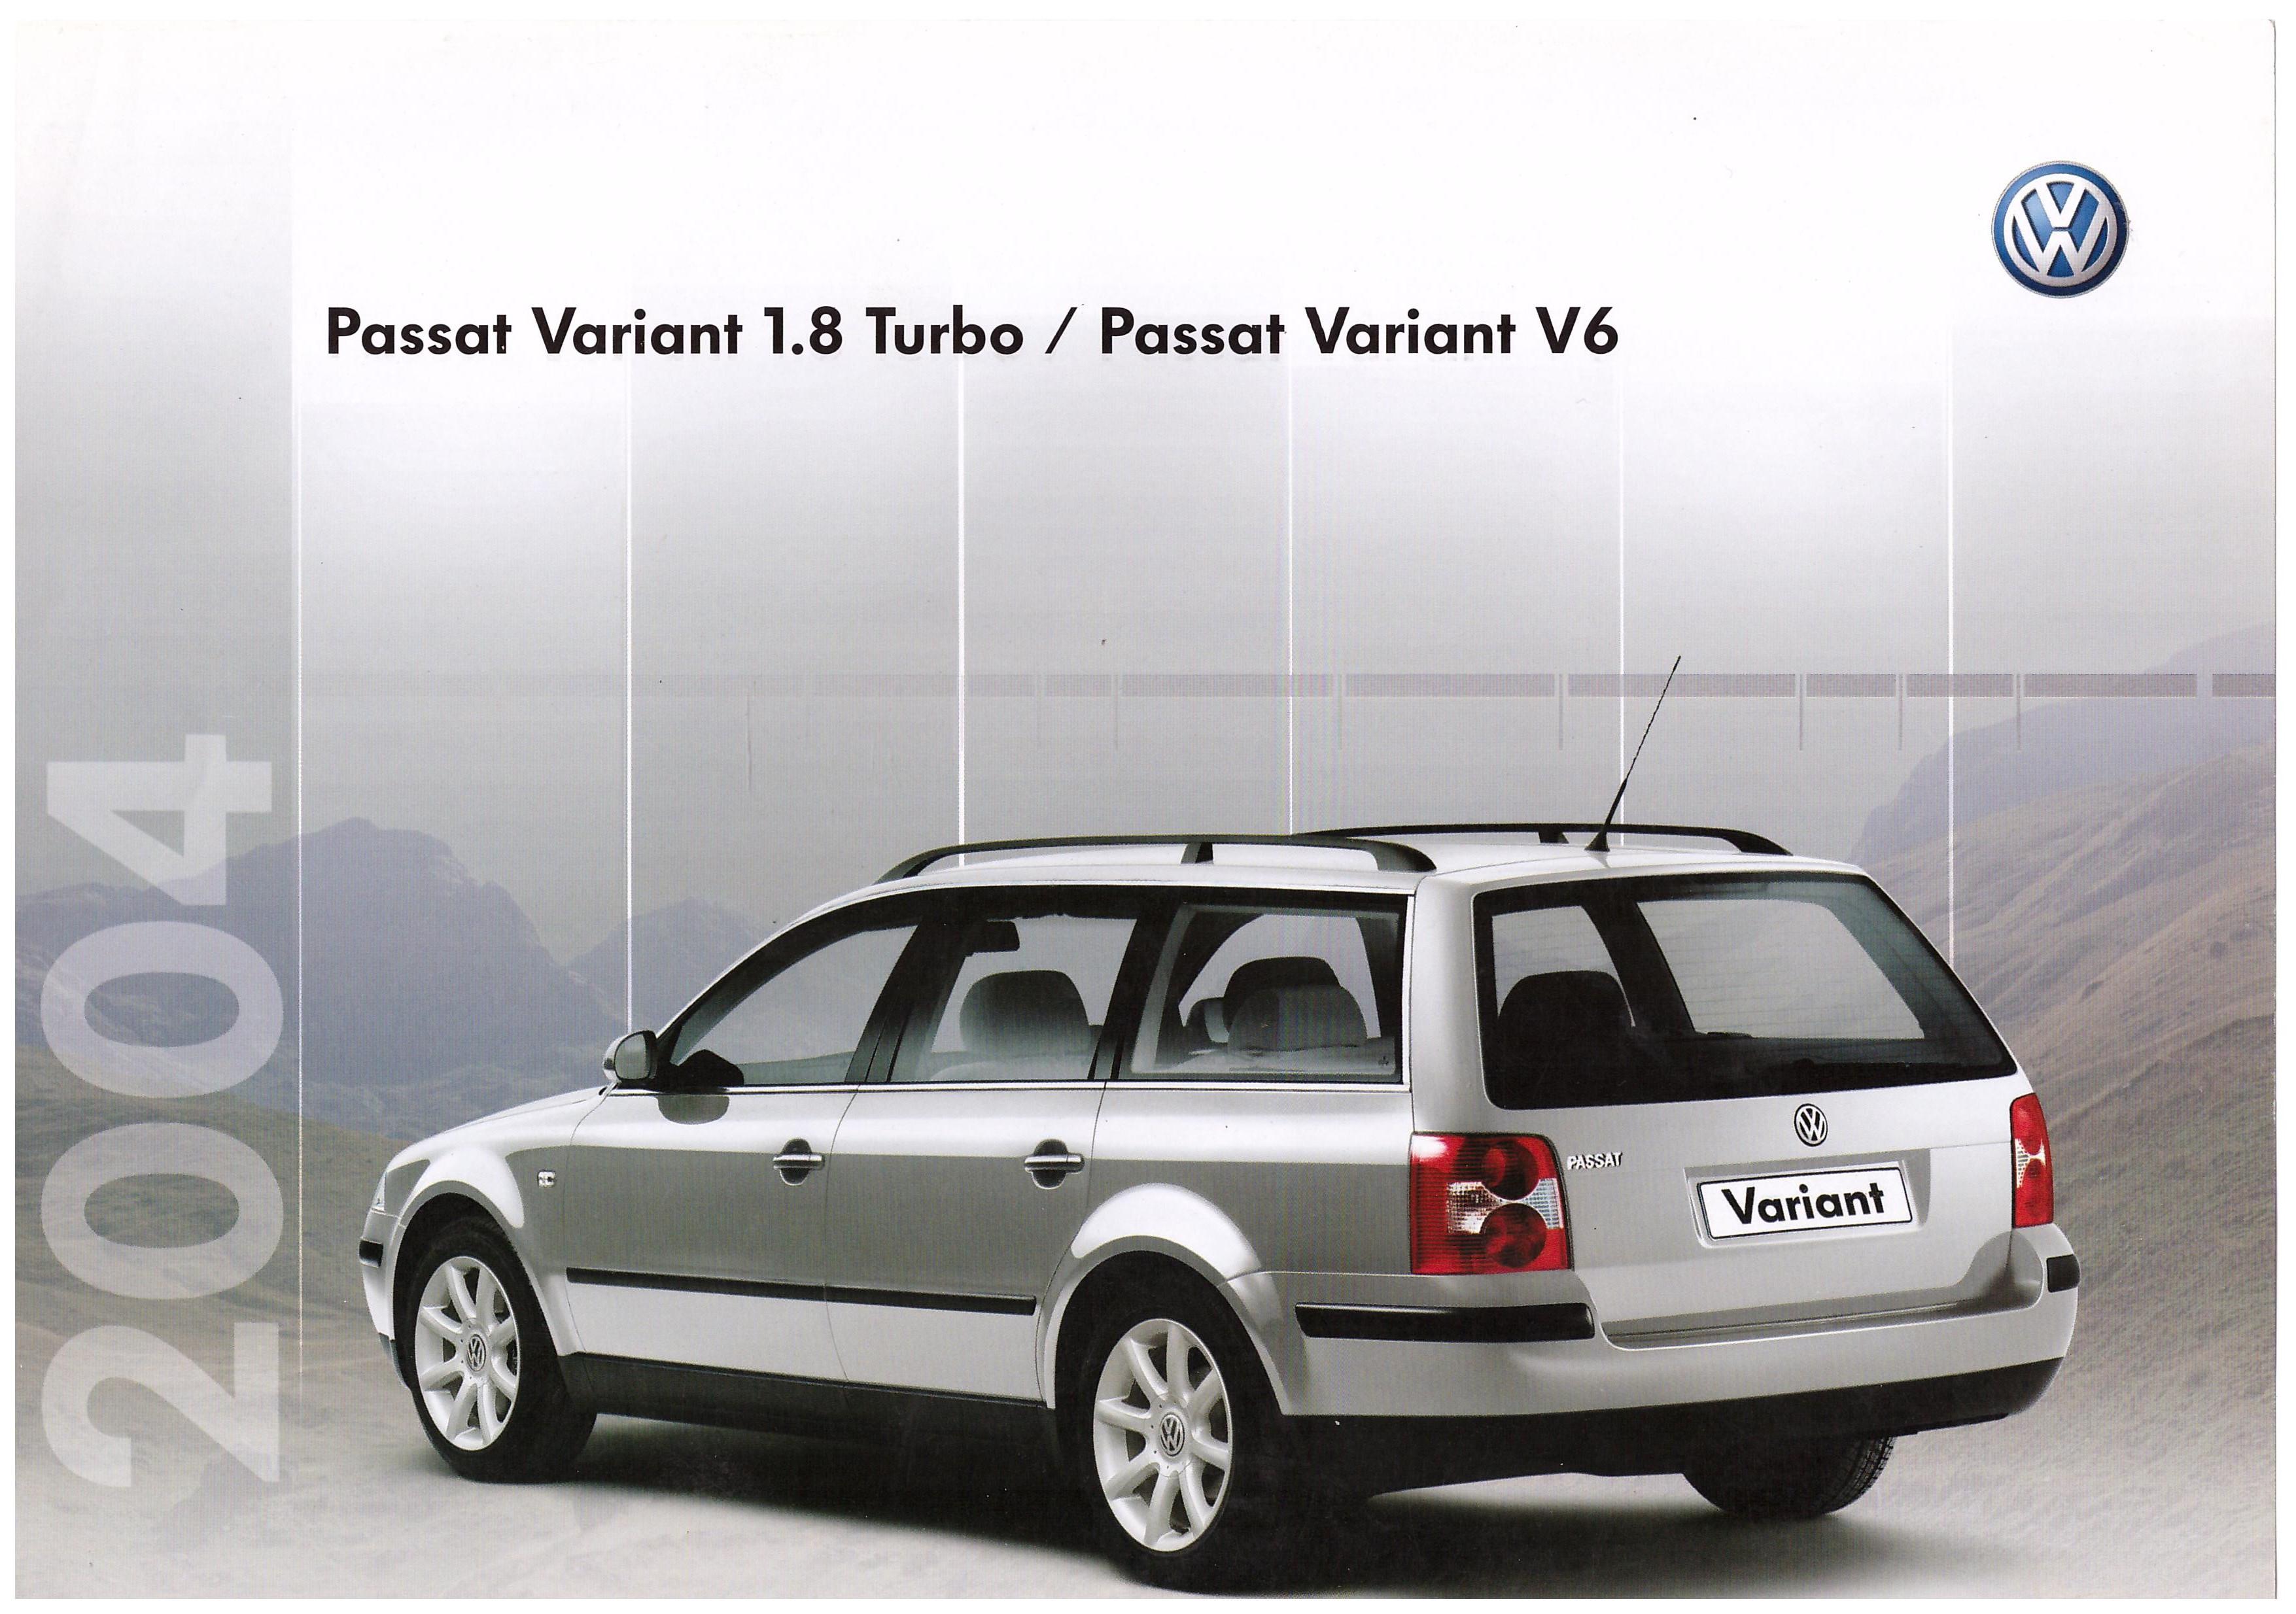 vw archives 2004 vw passat variant 1 8 turbo passat variant v6 sales. Black Bedroom Furniture Sets. Home Design Ideas